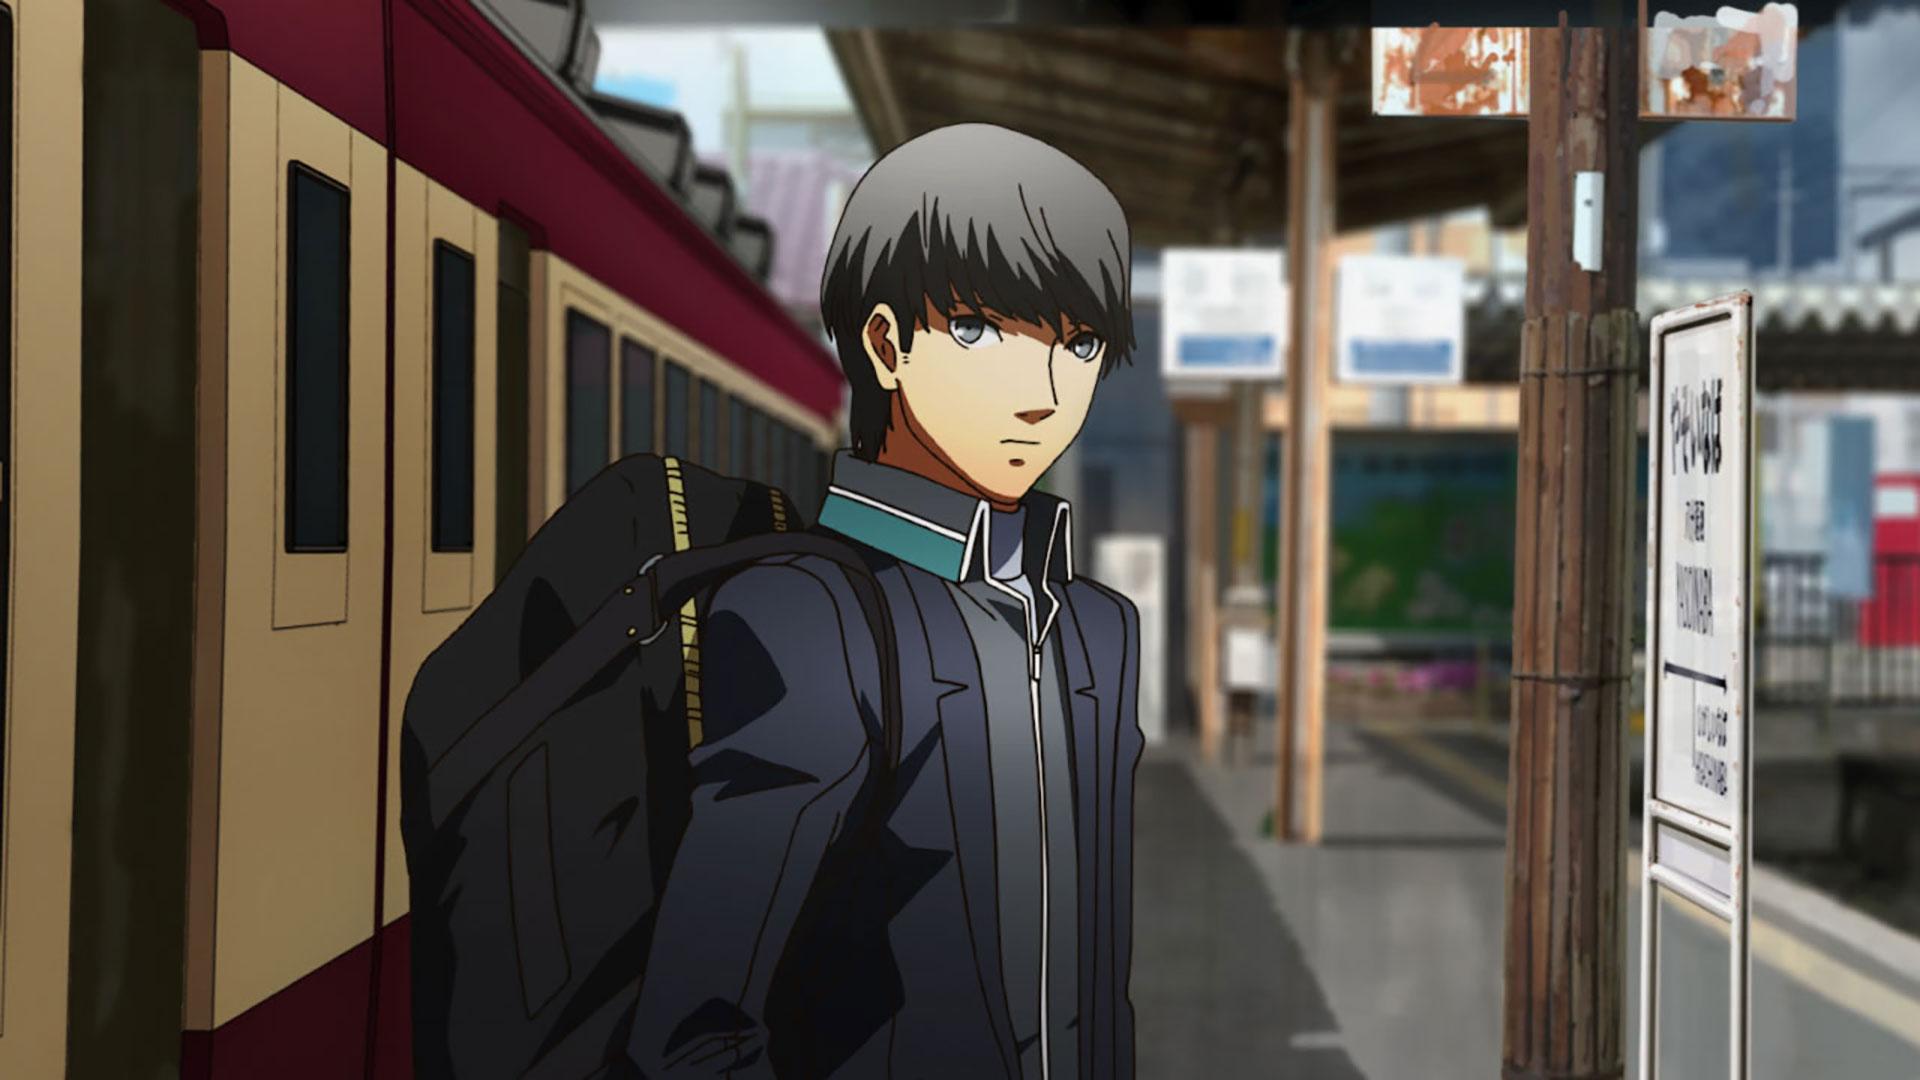 TVアニメ「ペルソナ4」